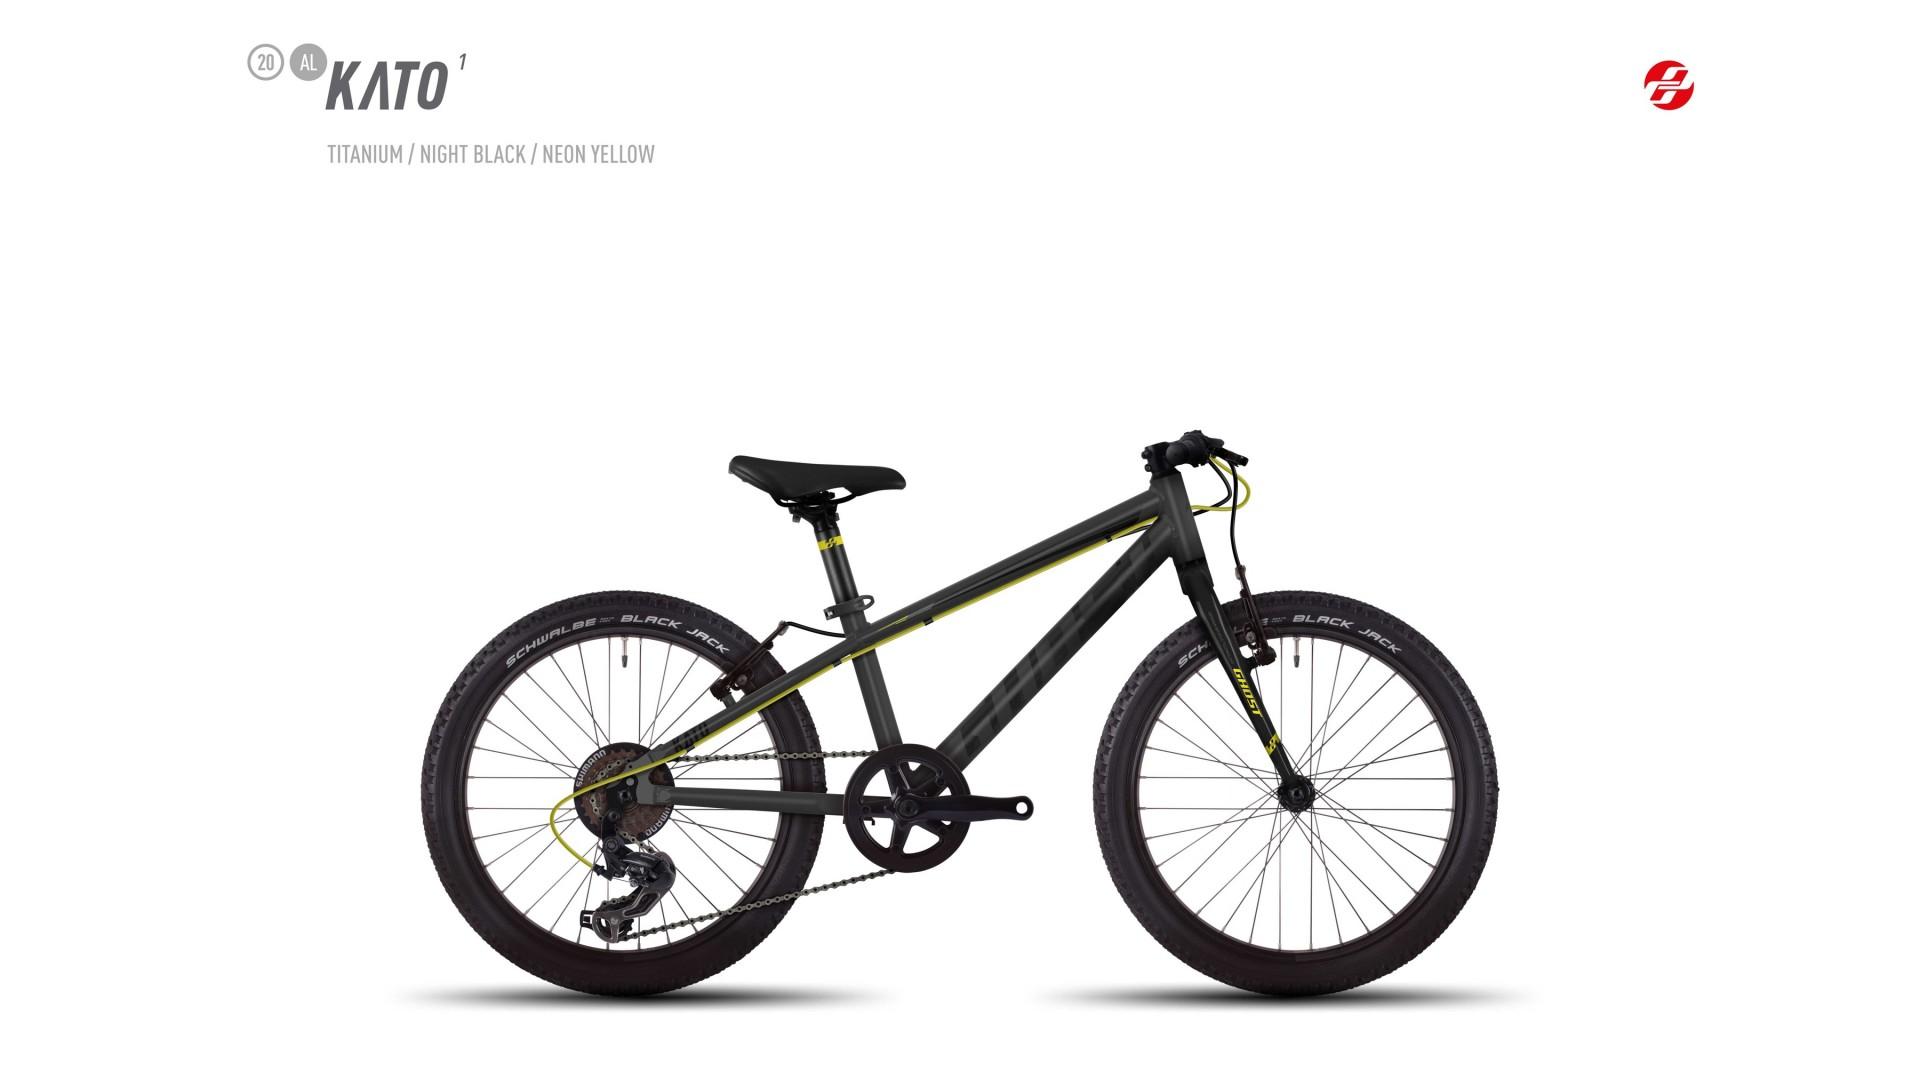 Велосипед GHOST Kato 1 AL 20 titanium/nightblack/neonyellow год 2017